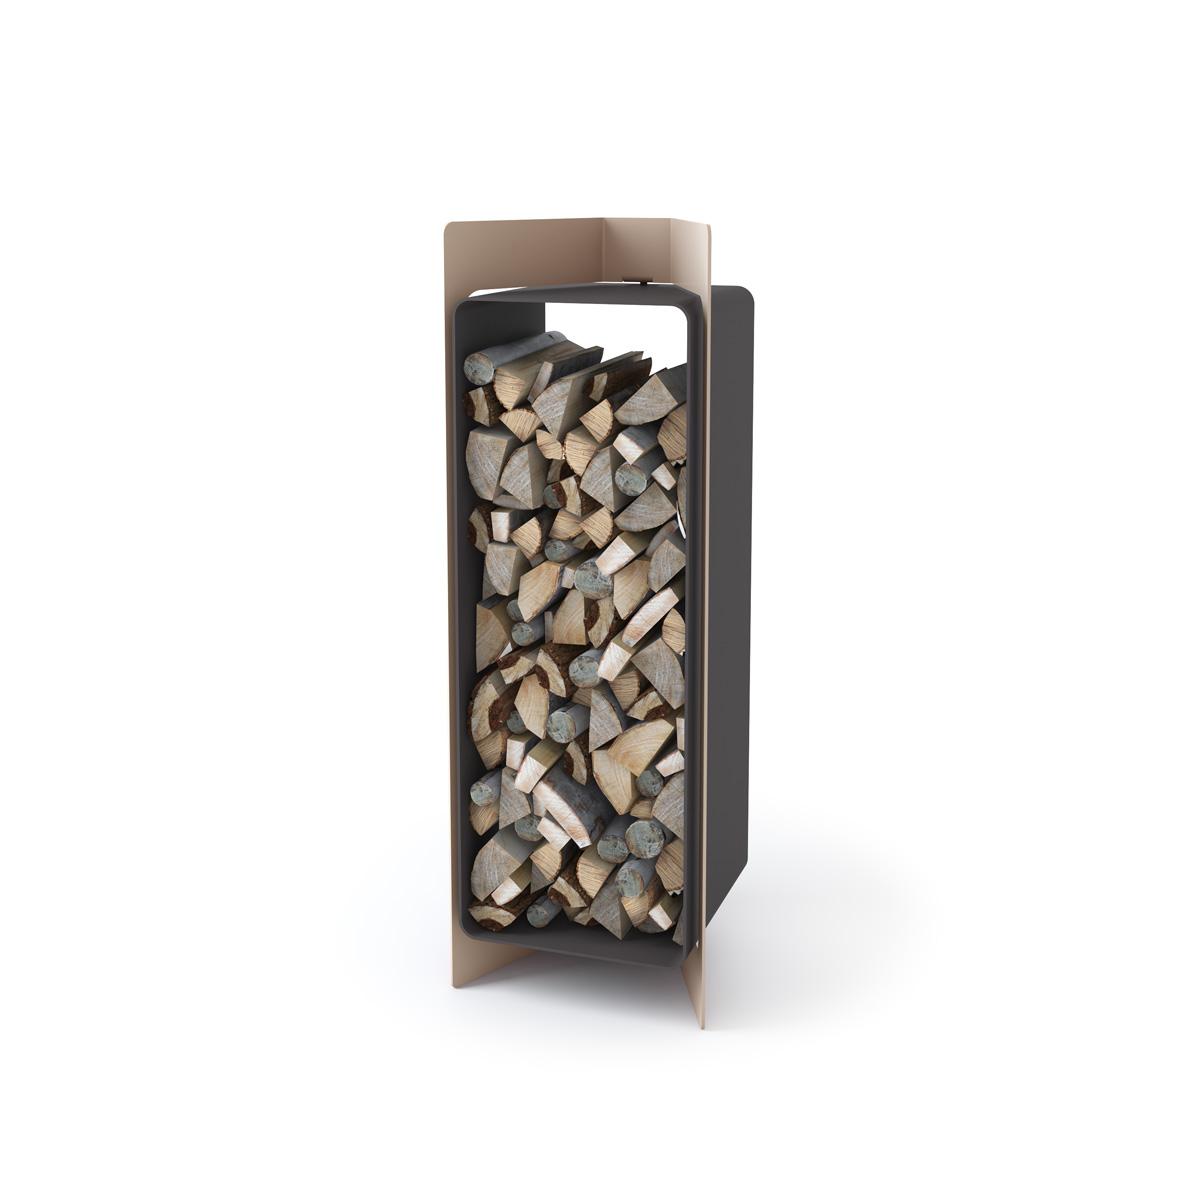 Stojan na dřevo FD3 krém metal